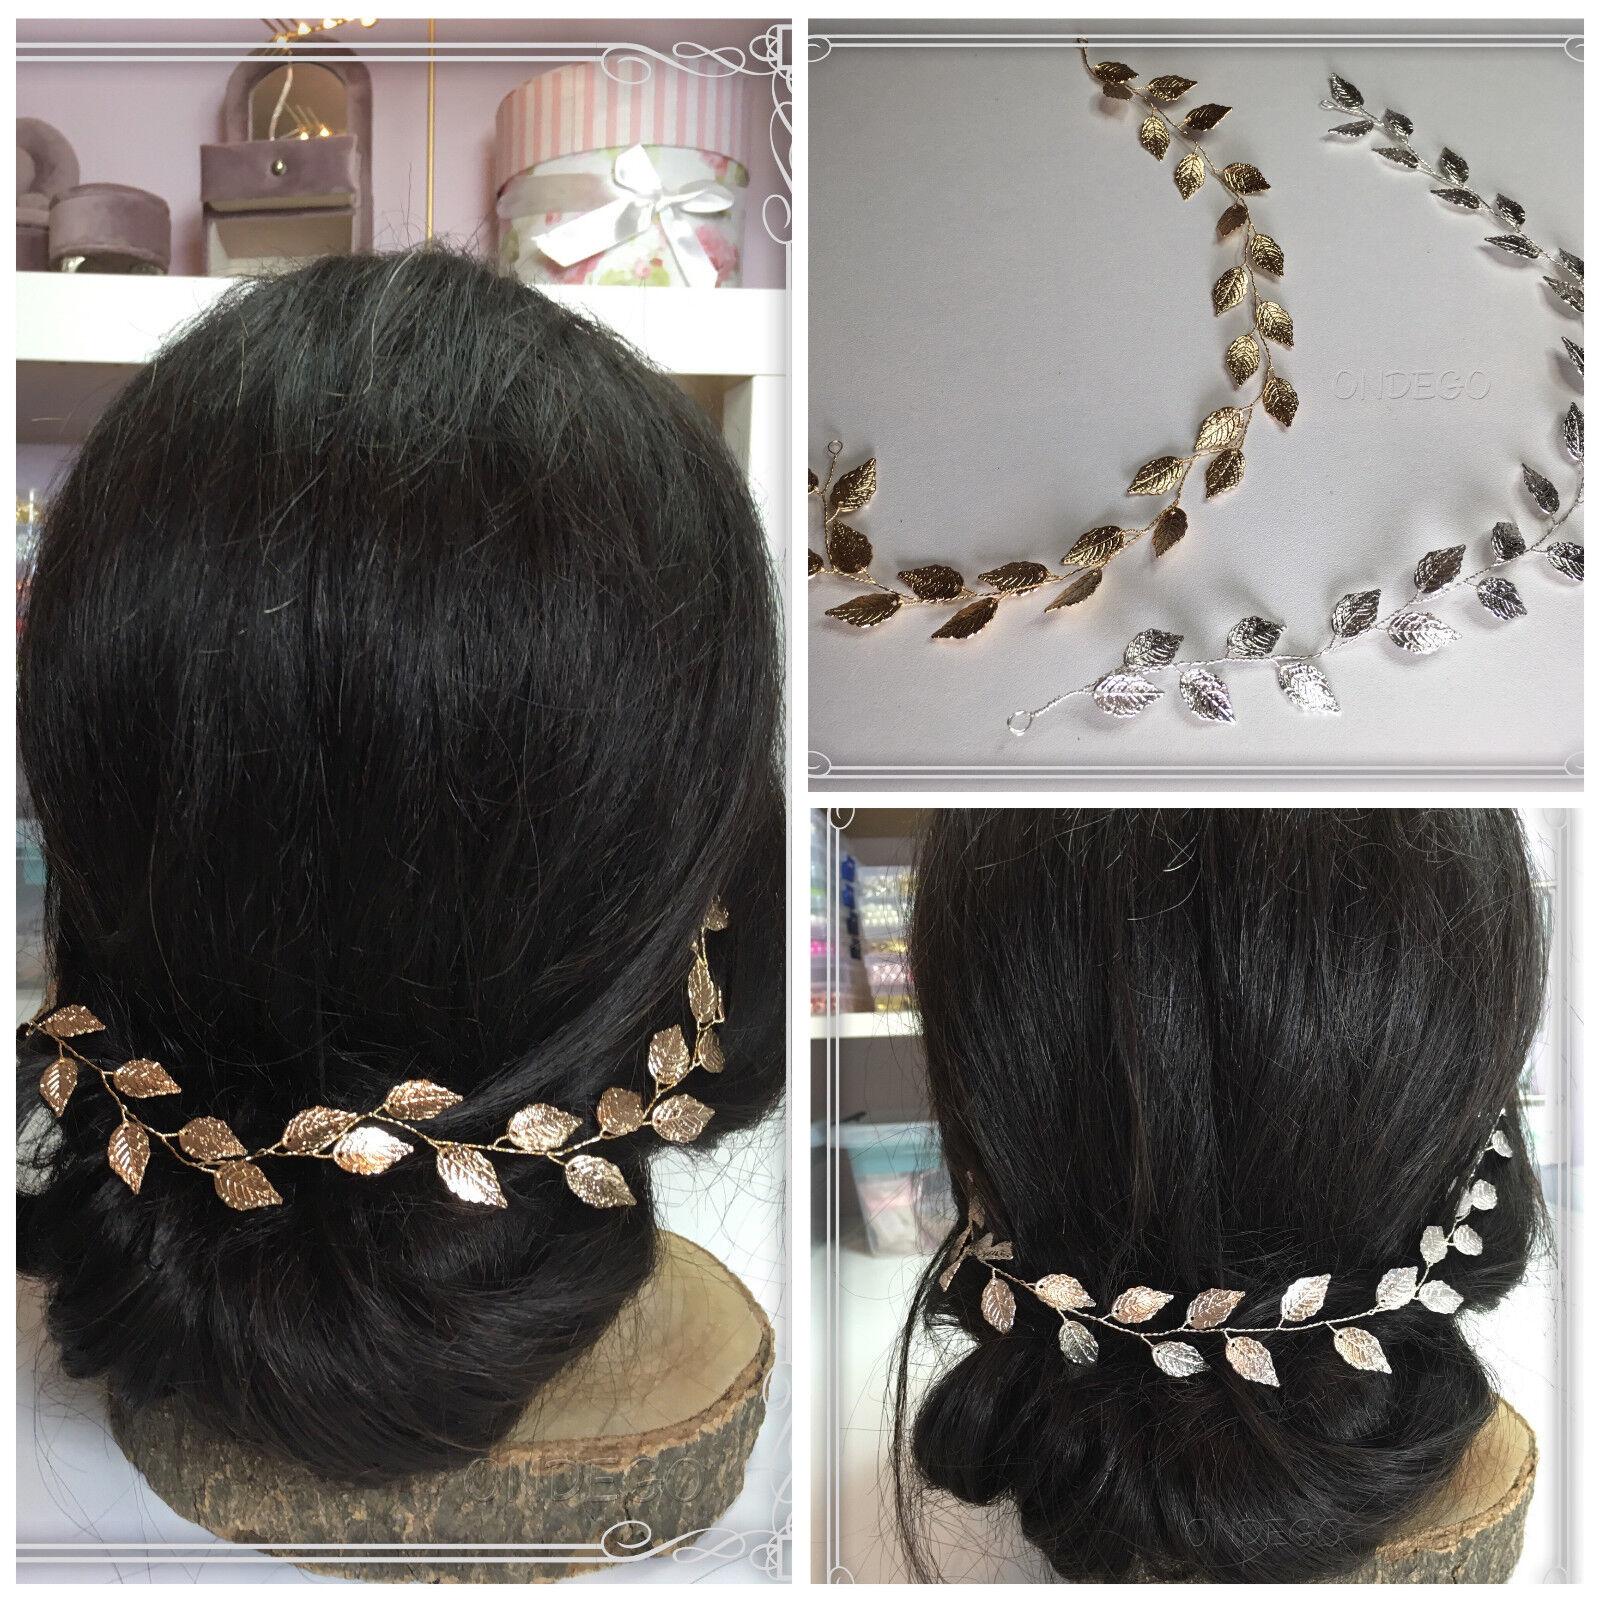 VintageSilber Gold Haarschmuck Brautschmuck Hochzeit Haarkette Haardraht Blätter